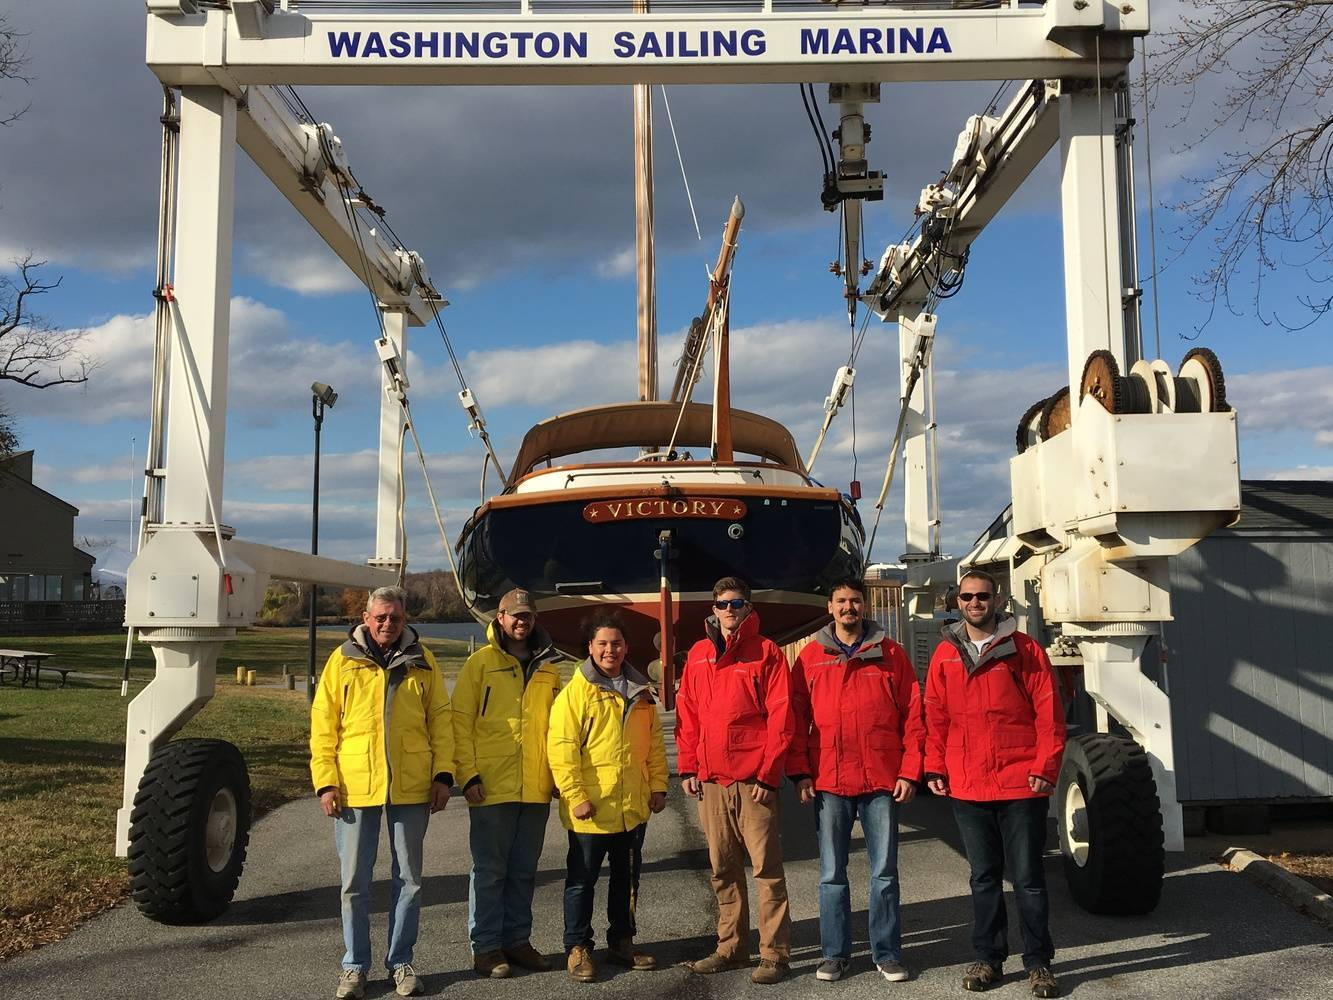 Kompletely Kustom Marine Team Maryland